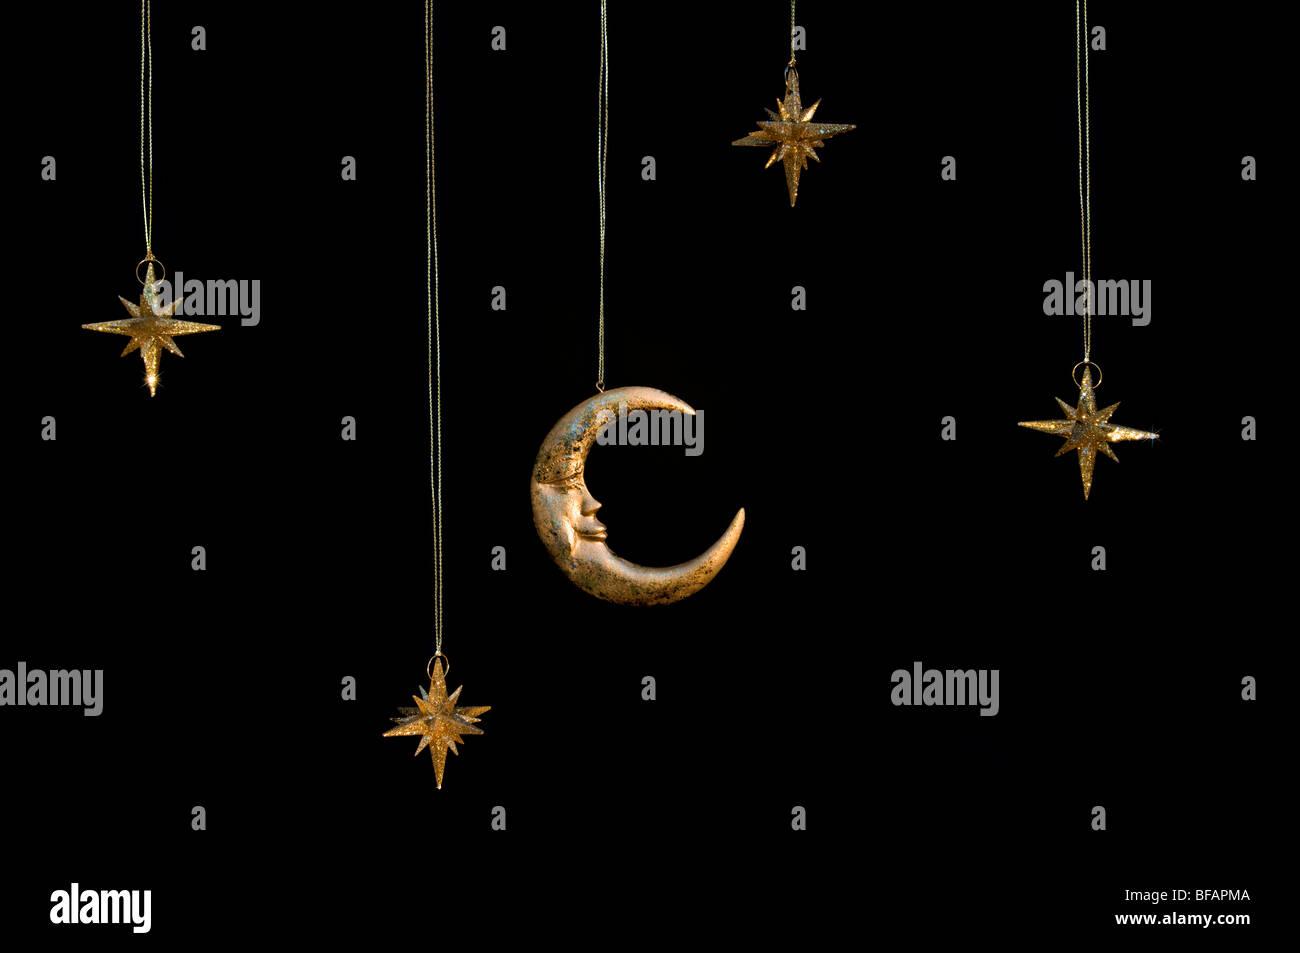 Gold glänzende Mond und Sterne glitzernden hängenden Weihnachtsschmuck vor schwarzem Hintergrund Stockfoto